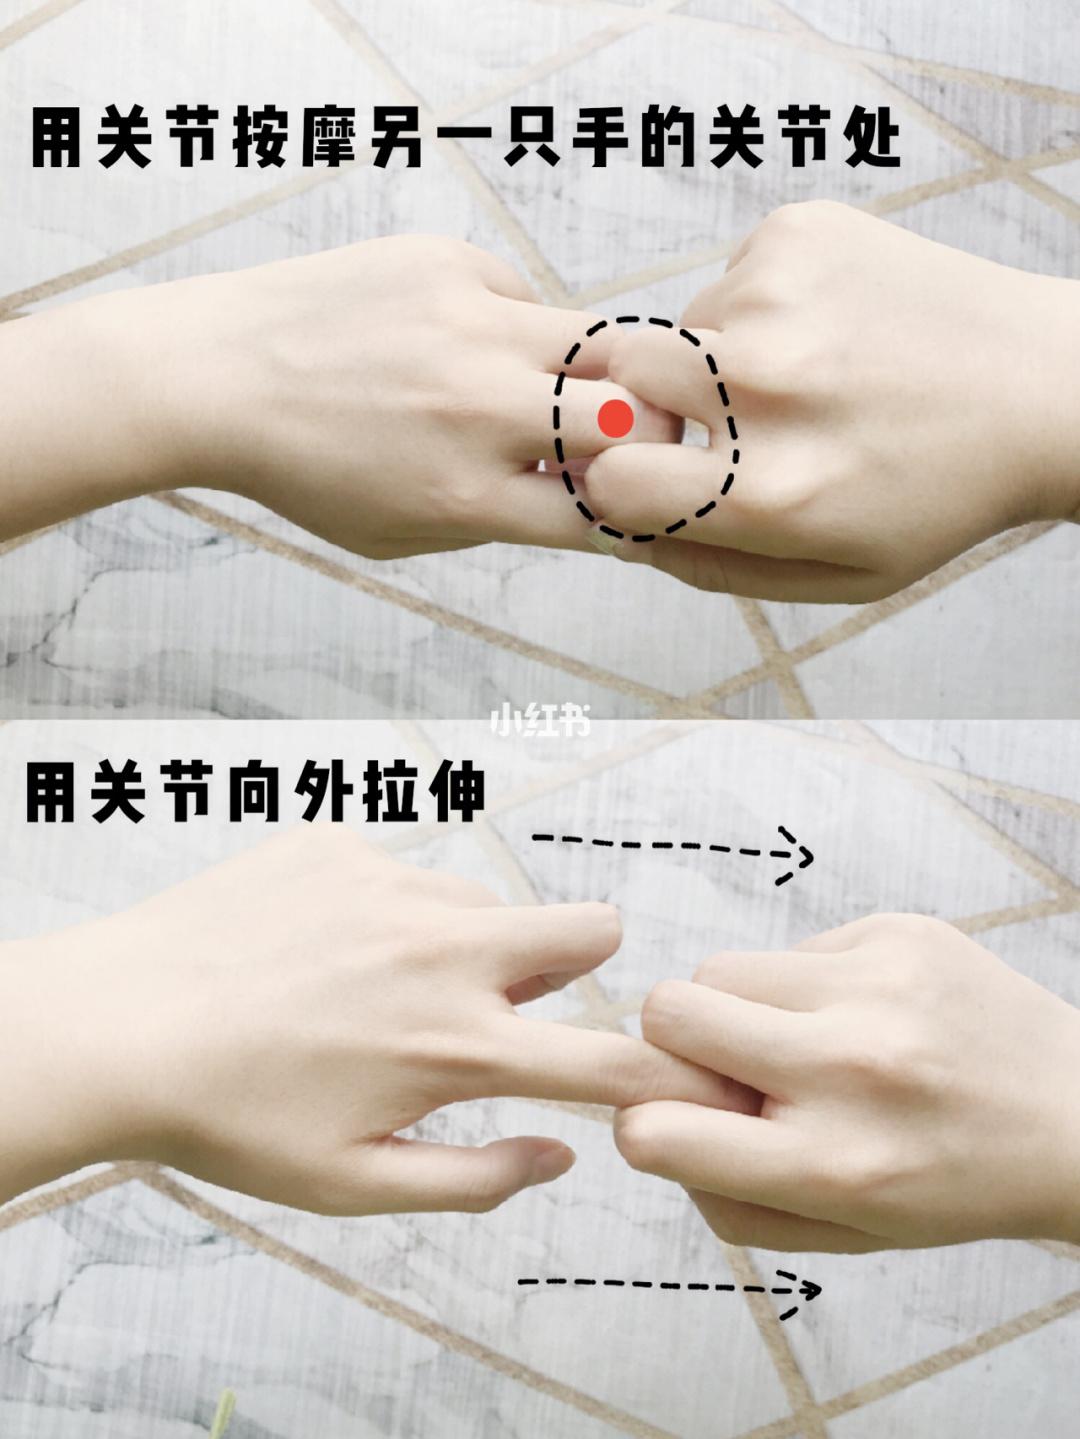 """Đôi tay thon dài """"vạn người mê"""" hóa ra có thể đạt được chỉ nhờ vài ba bước massage đơn giản mỗi ngày - Ảnh 4."""